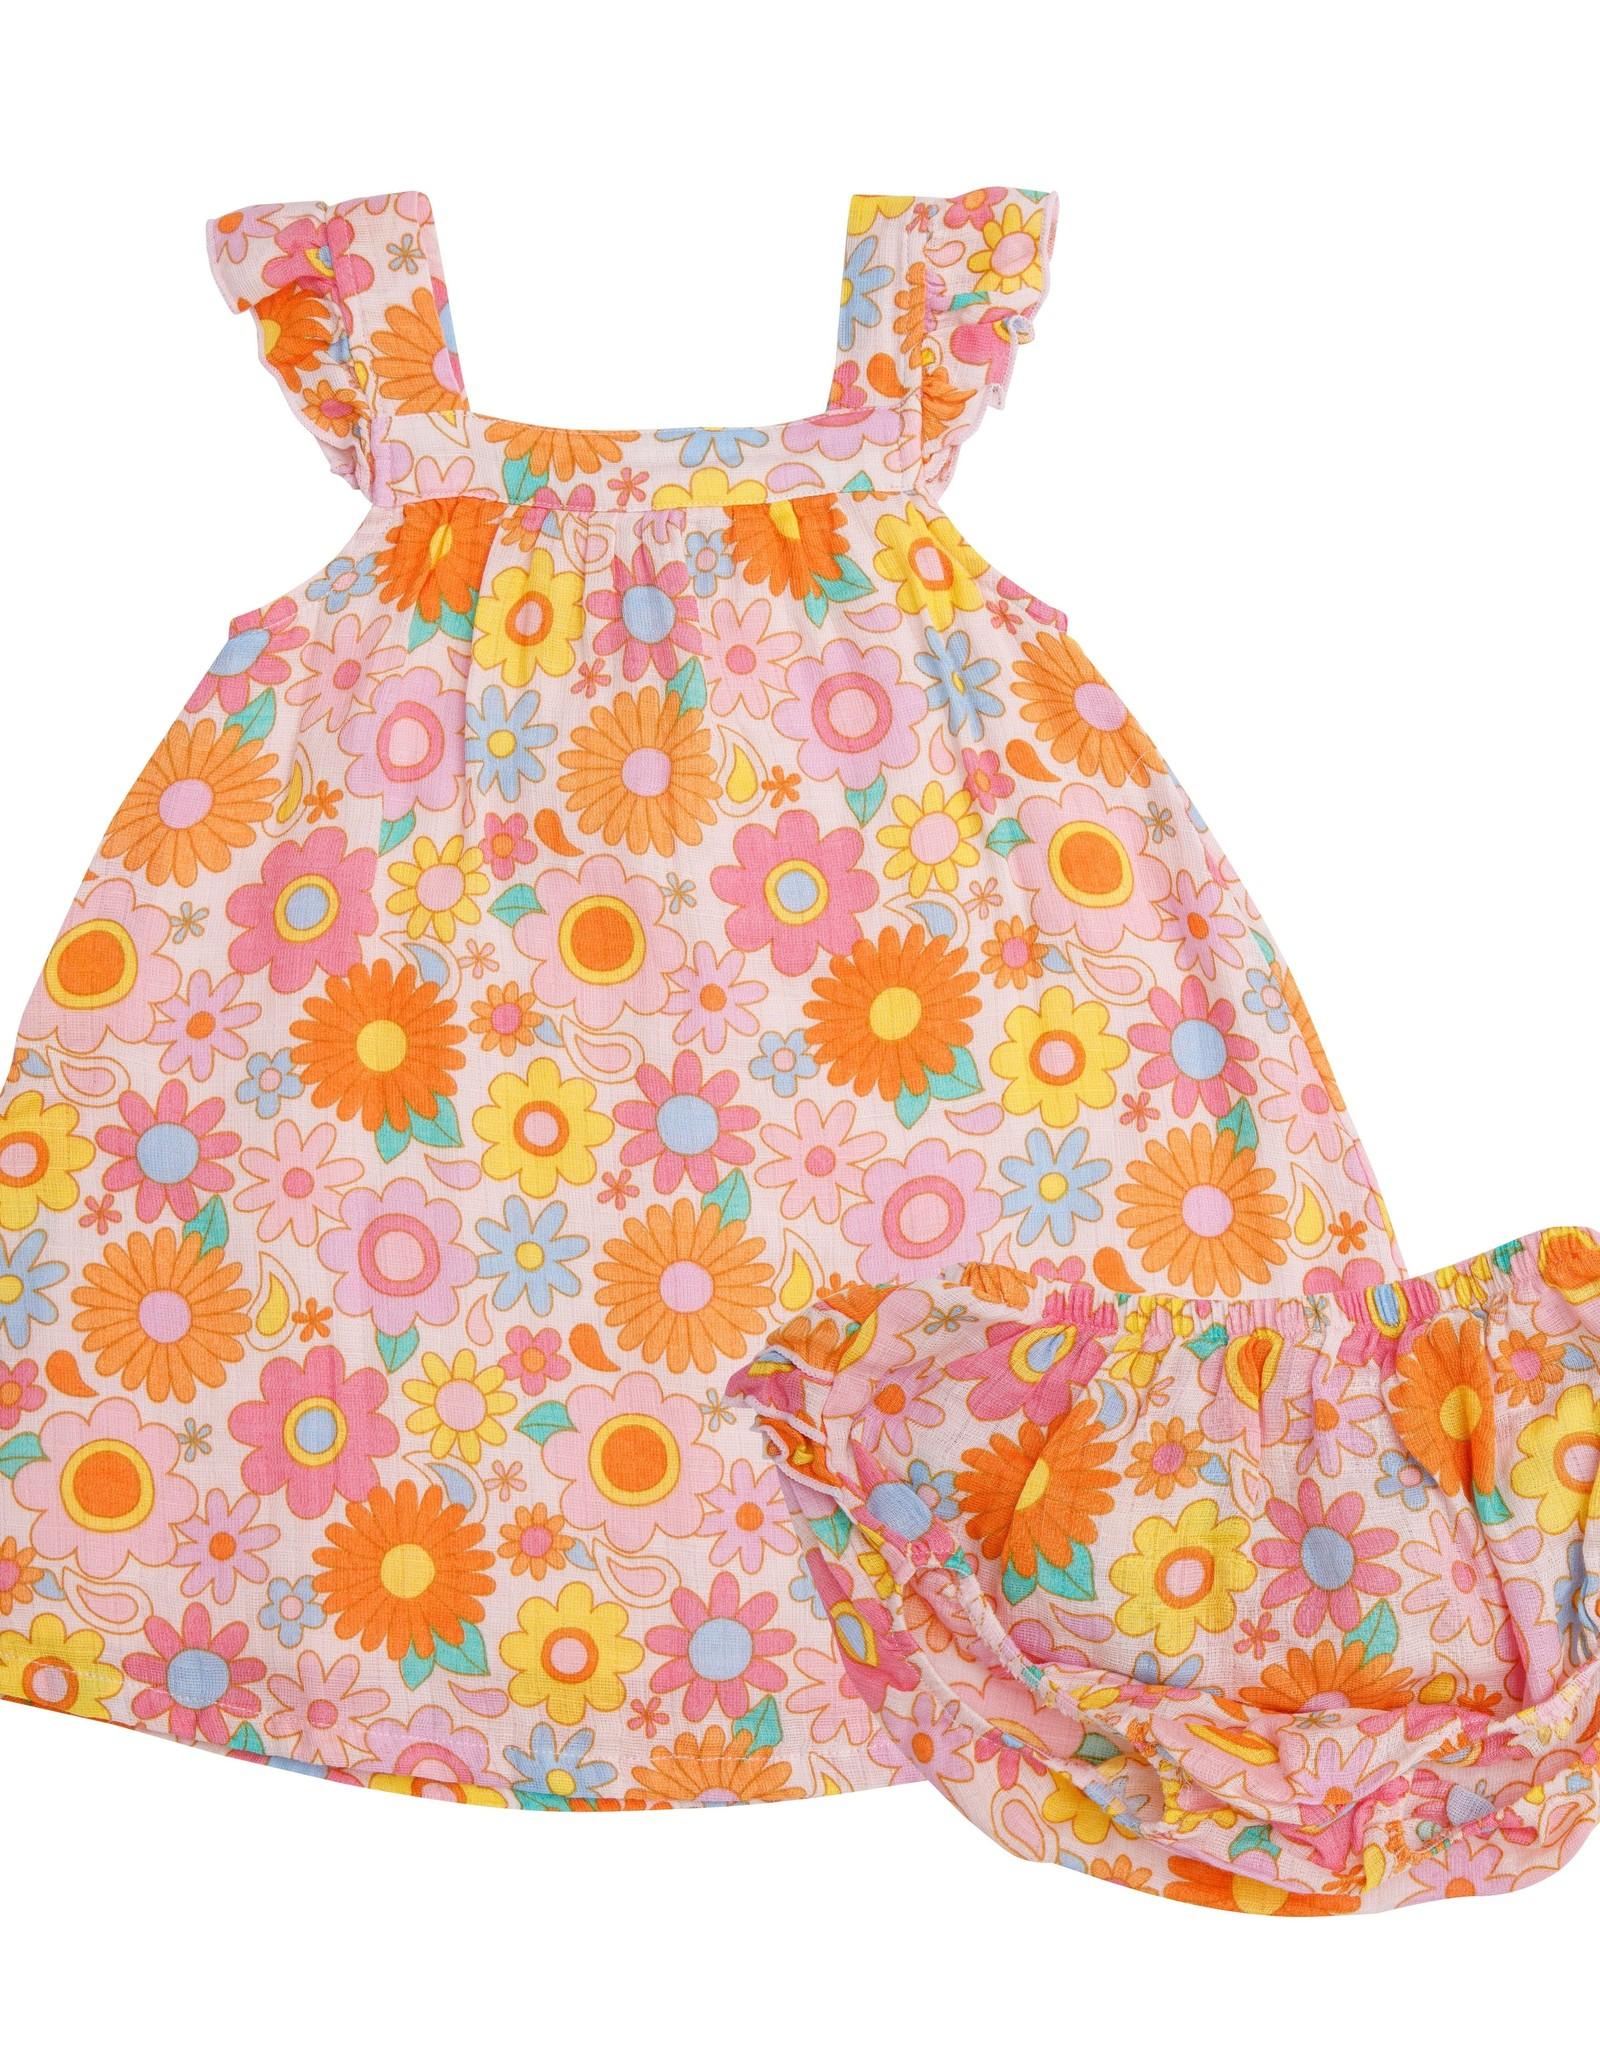 Angel Dear retro daisy sundress